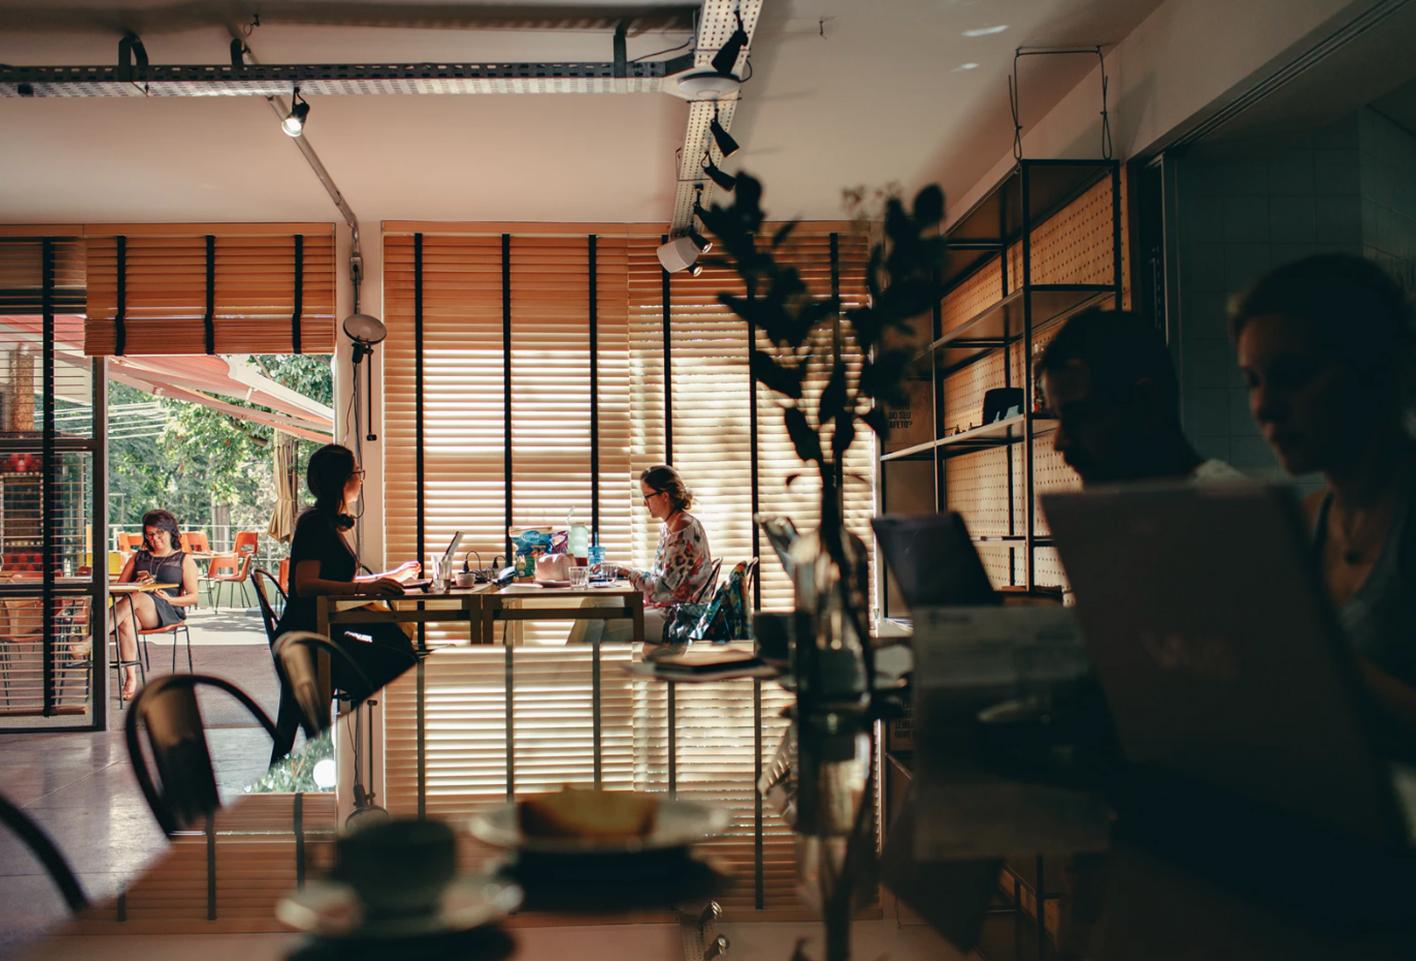 Ateliers-Préparatoires-Rochechouart-A.P.R.-Ecole-wedding-palnning-Paris-ecole-Paris-Formation-opca-micro-entreprise-metiers-mariage-evenementiel-OCPA-financement-formation-APR-2.jpg